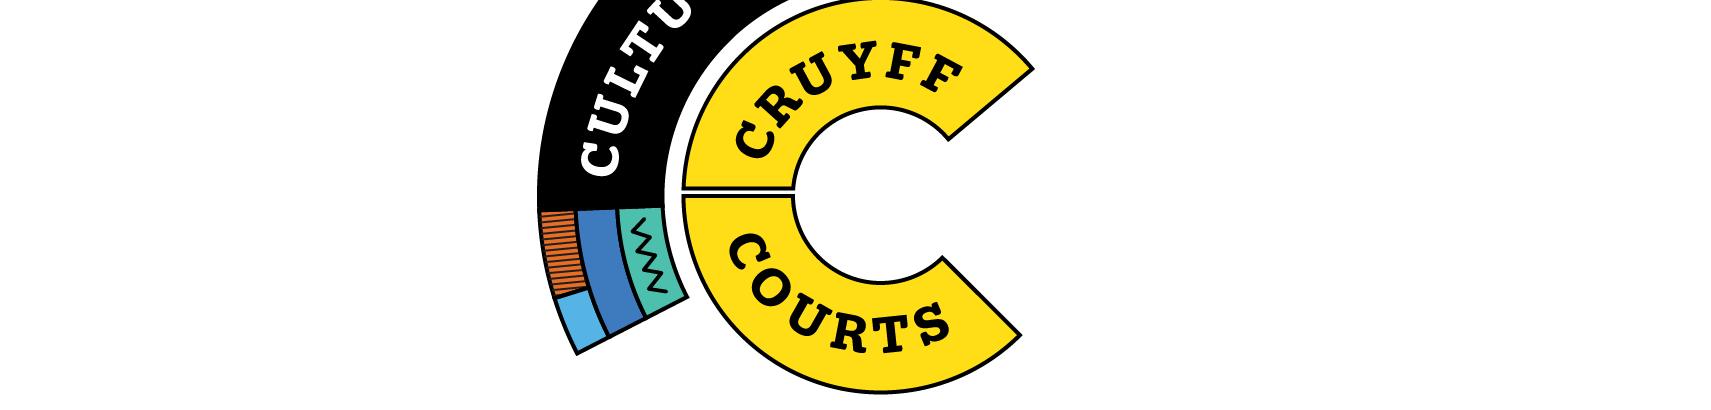 Logo Cultuur@CruyffCourts